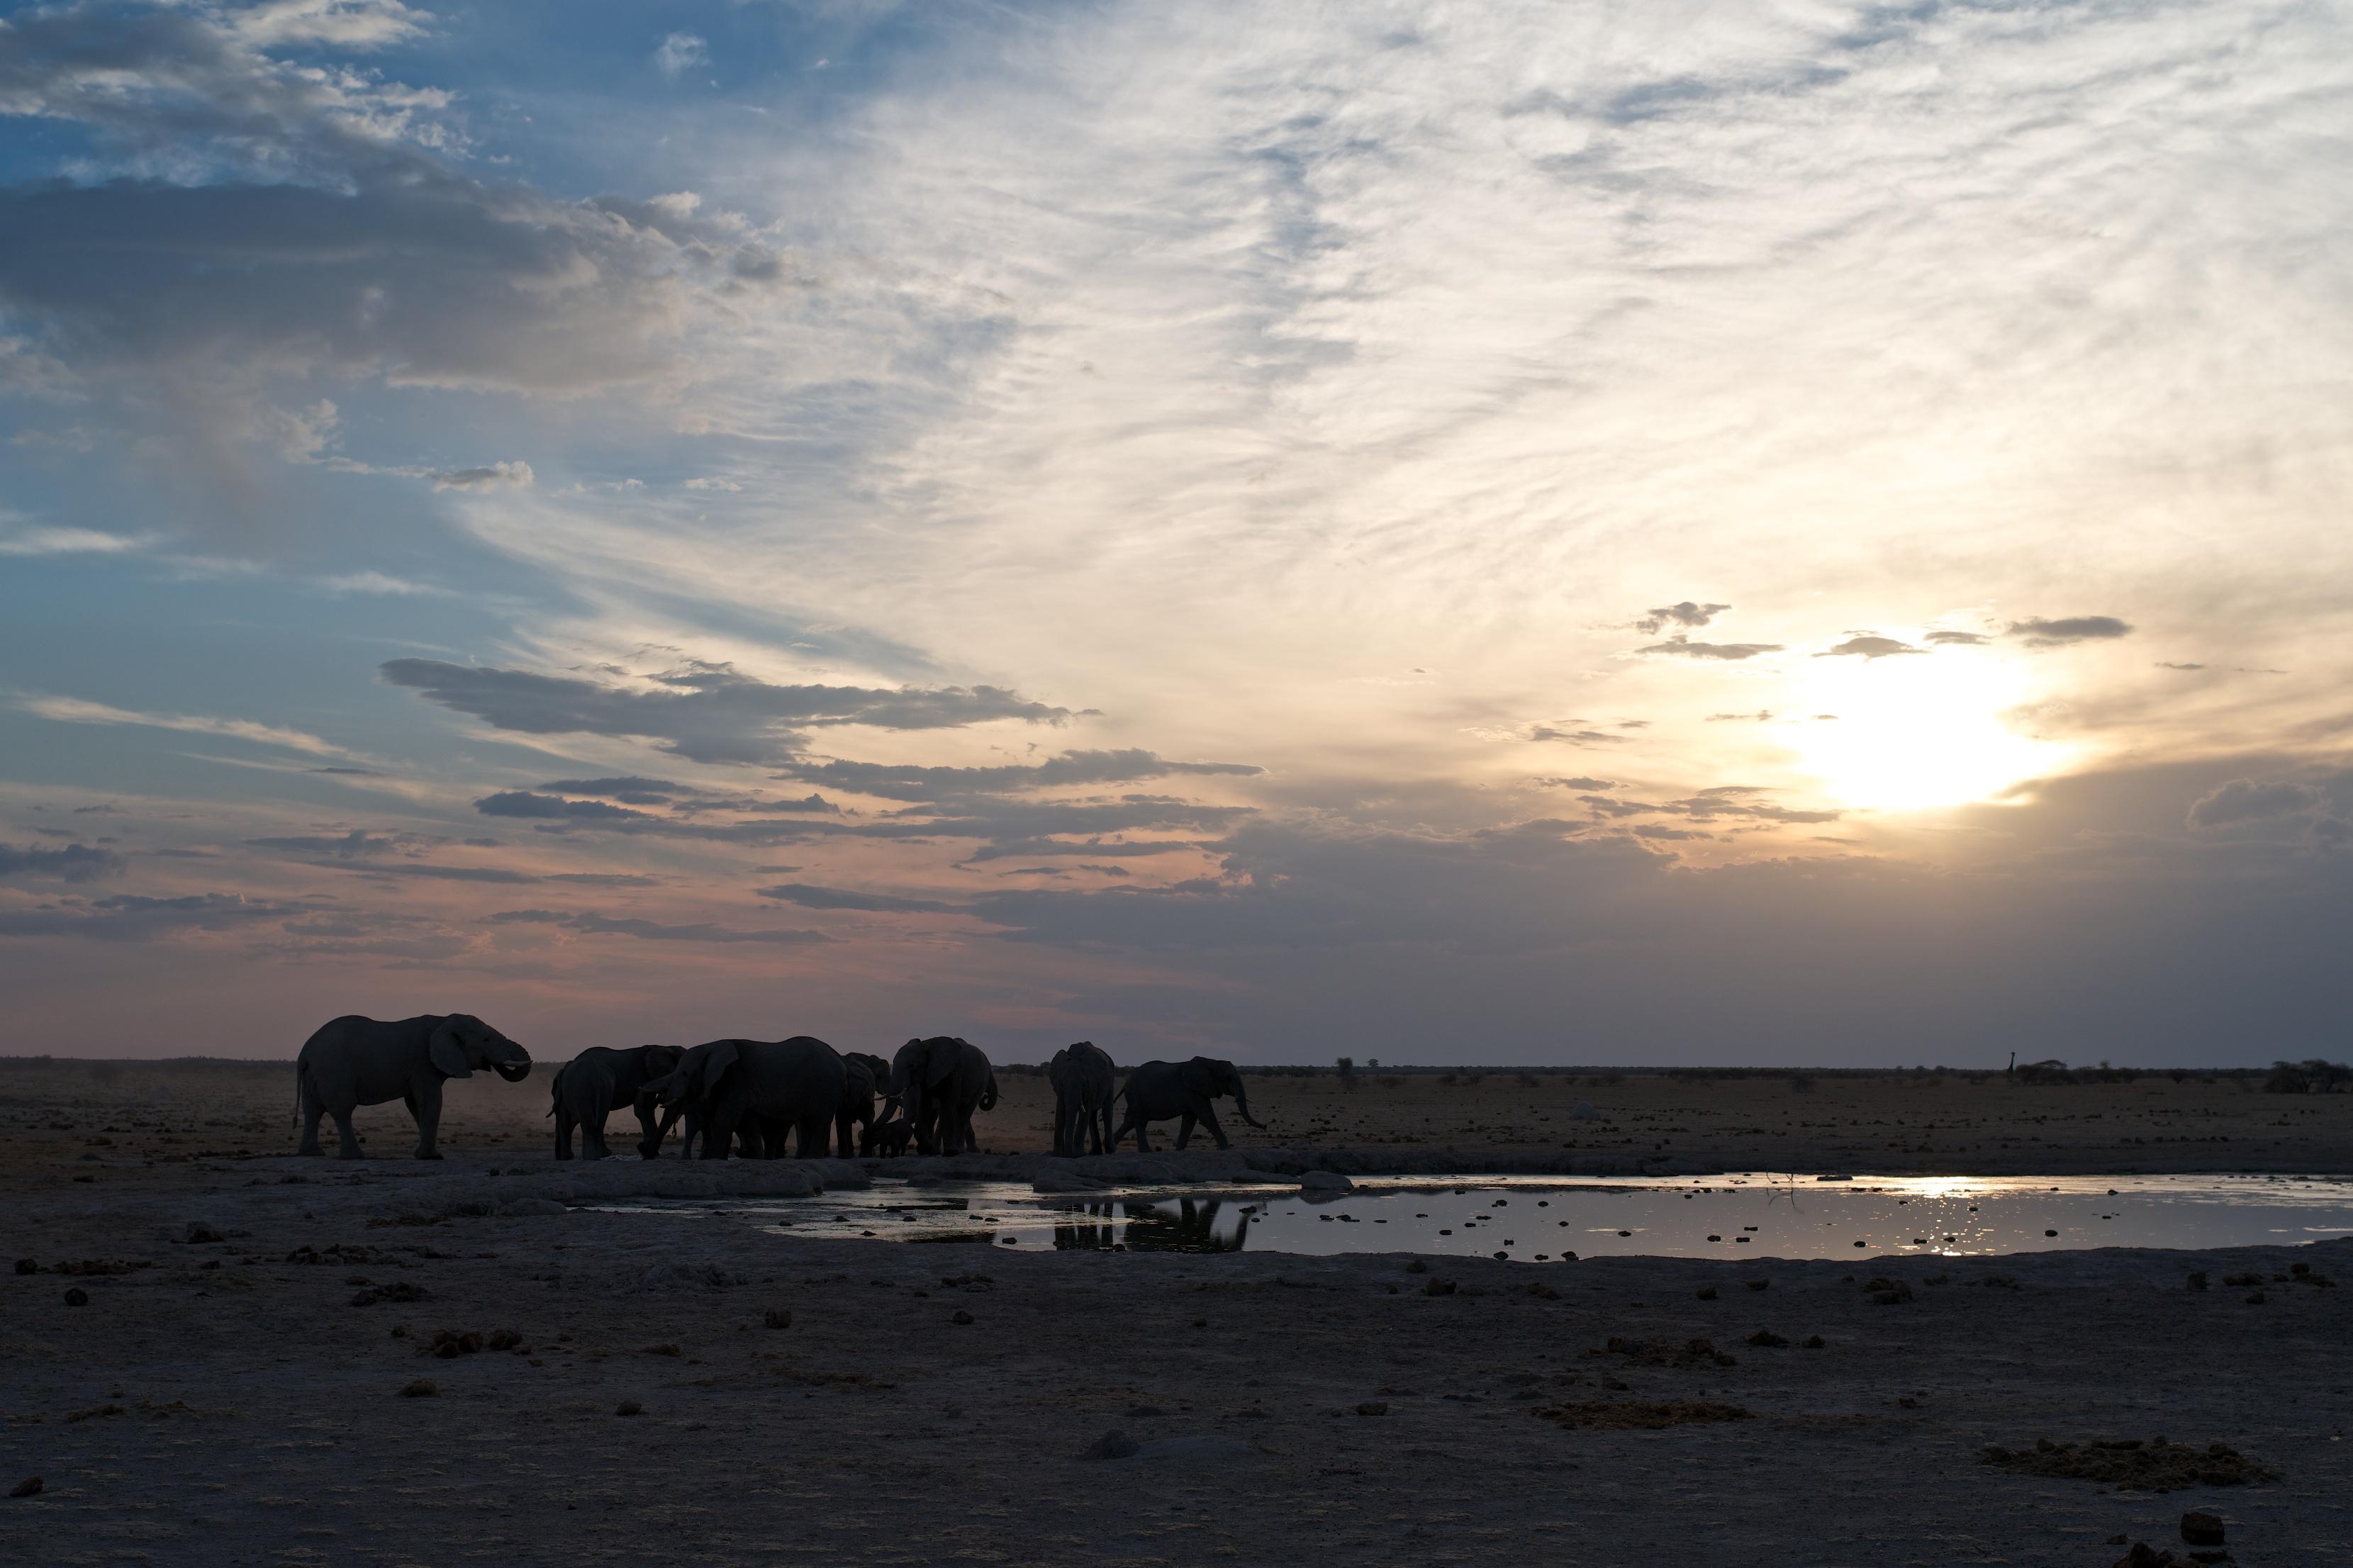 Nxai Pan - Elephants